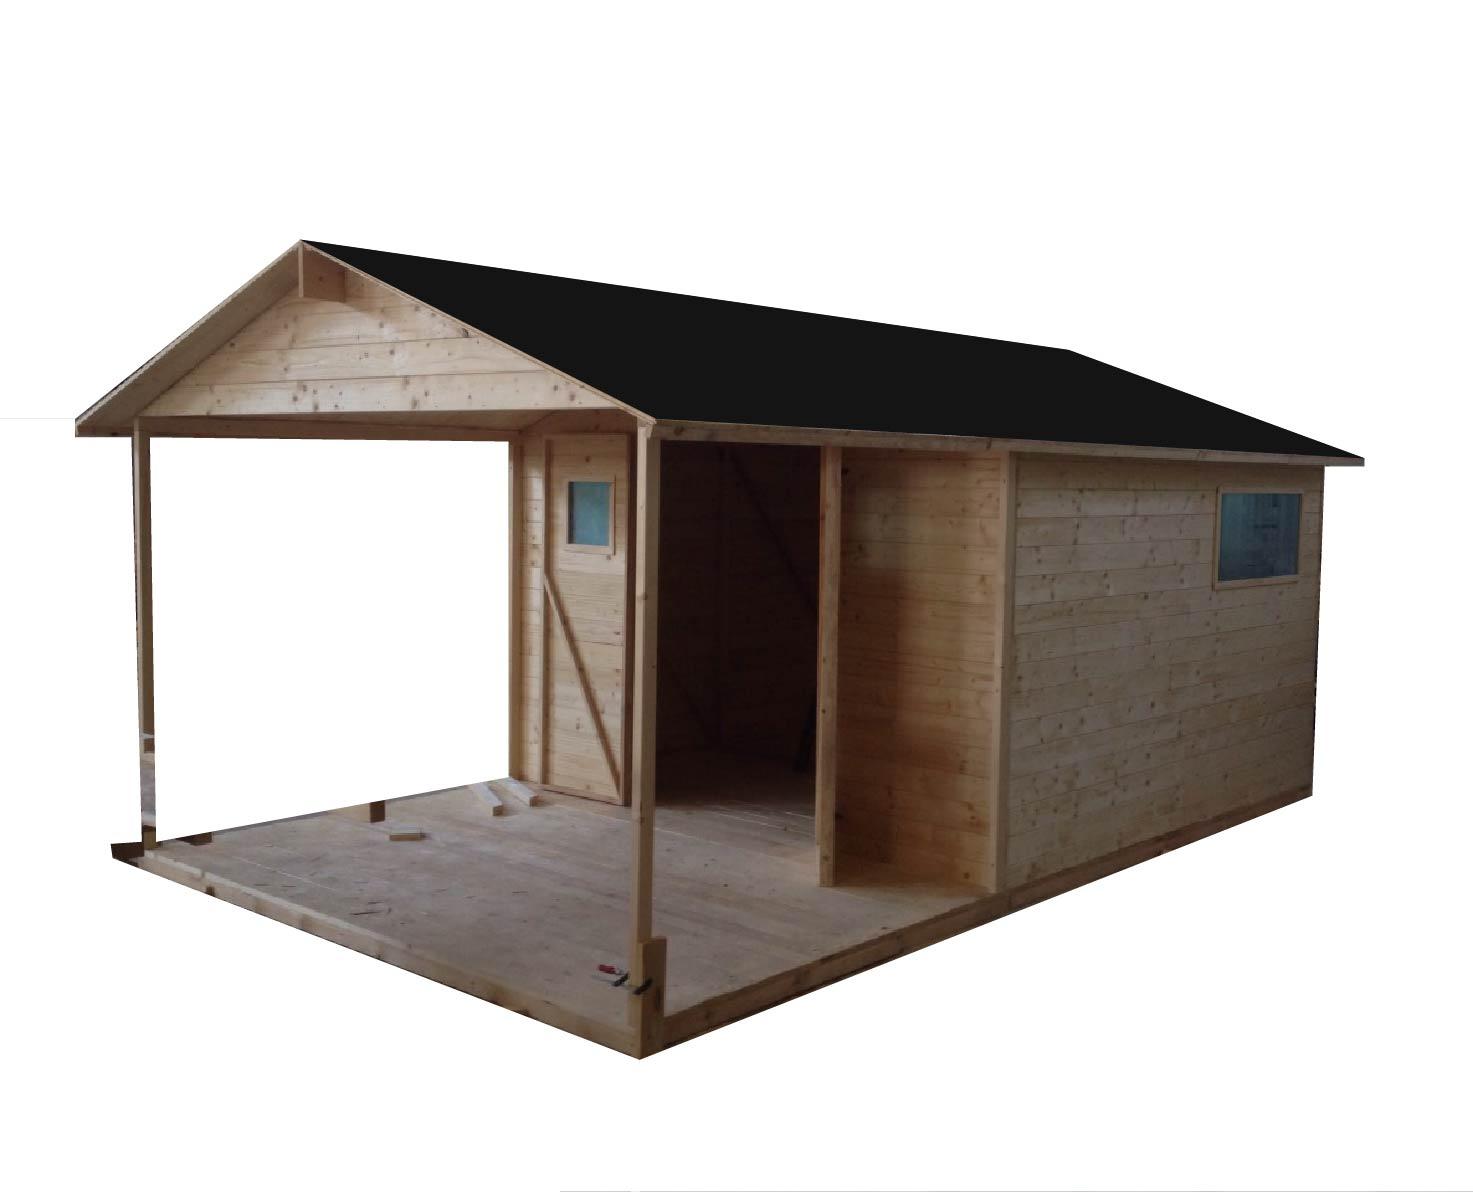 Zahradní dřevěný domek MAD s terasou 15m2, 16mm, s okny